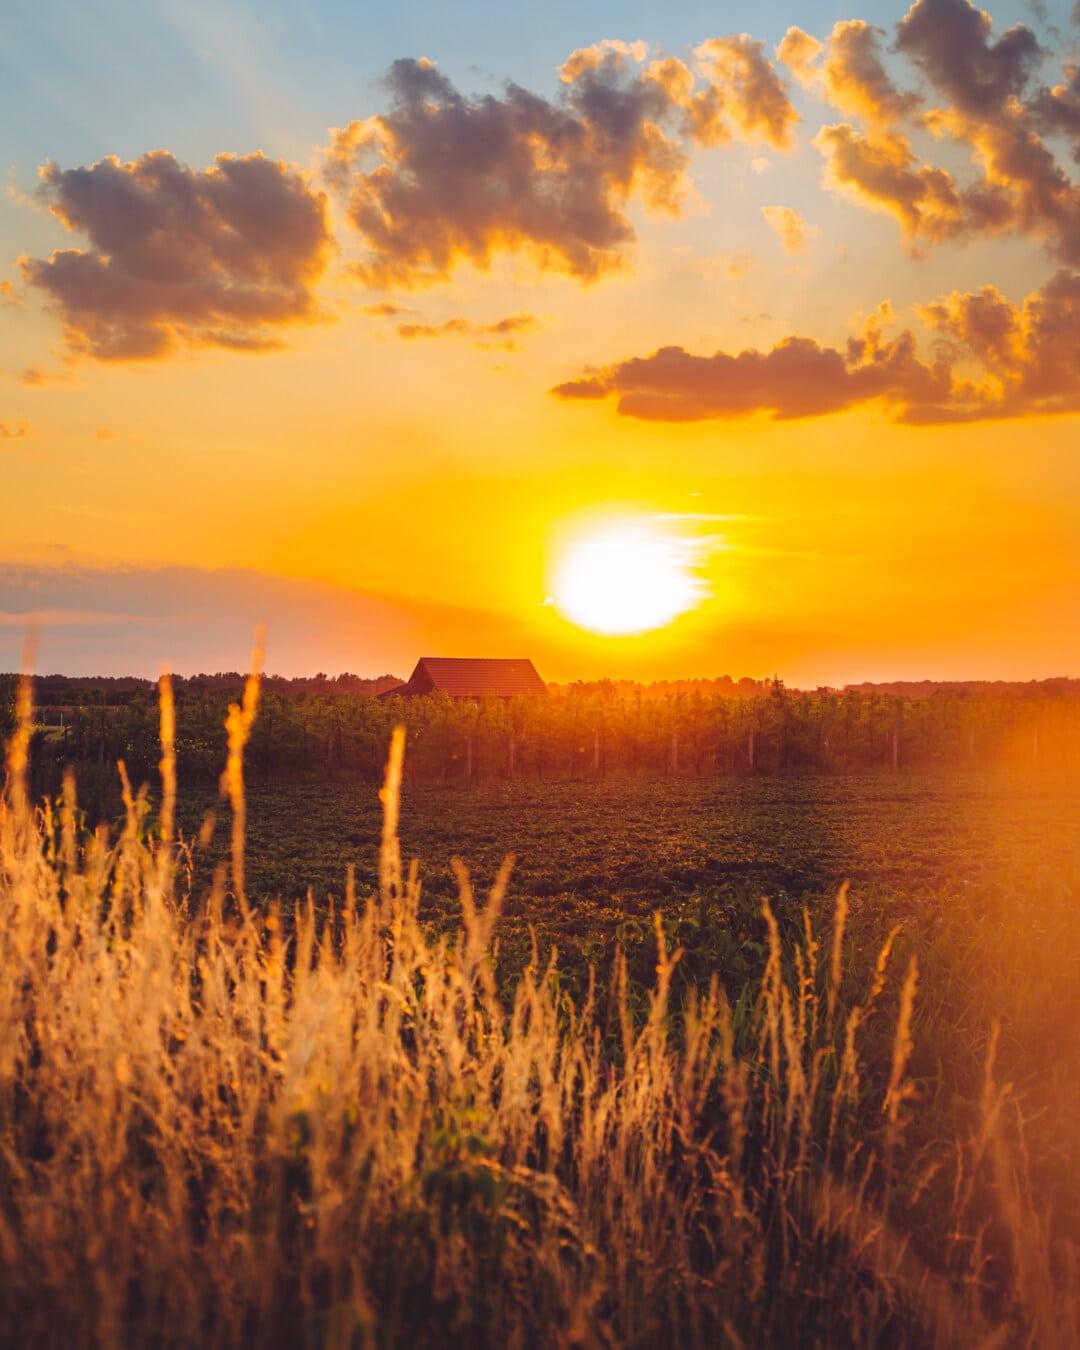 sunčano, sunčev zrak, sunčano, sunčeva svjetlost, seoska kuća, poljoprivredno zemljište, farma, voćnjak, poljoprivreda, zalazak sunca